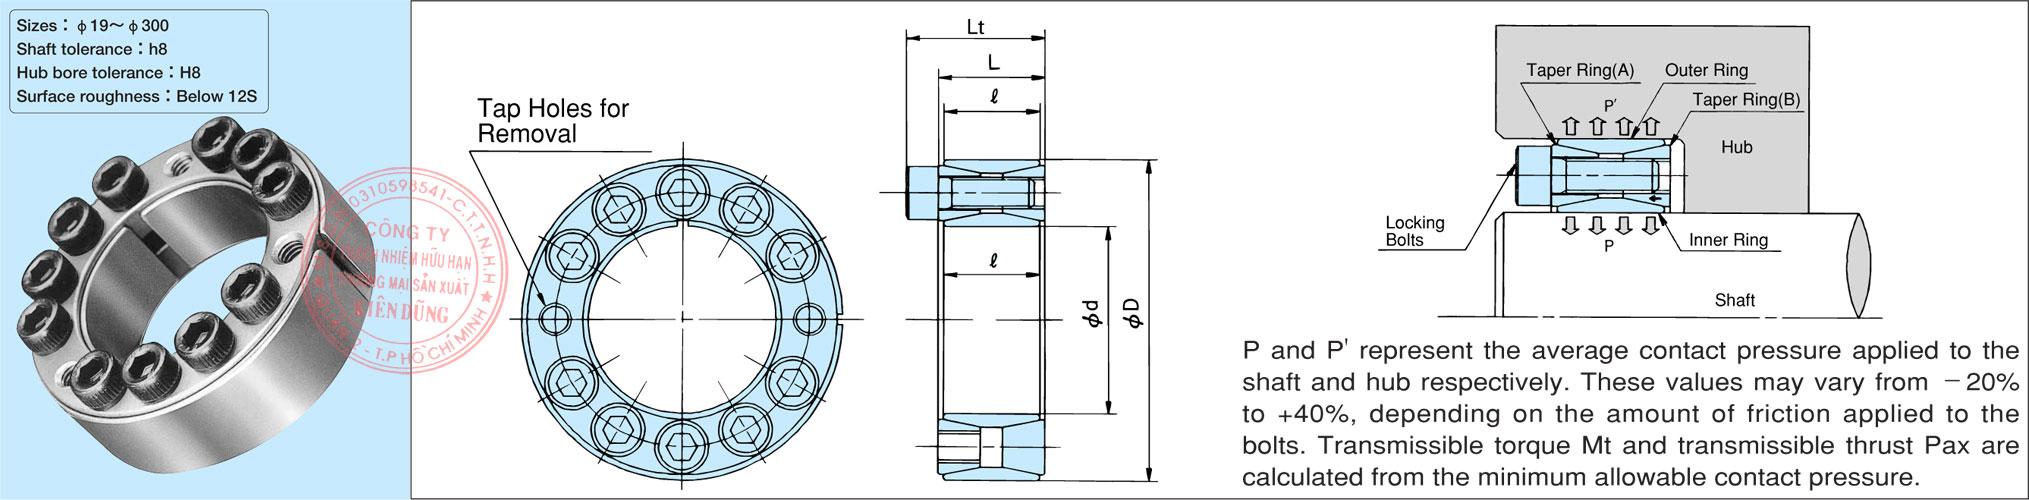 Thông số kỹ thuật Power Lock dòng tiêu chuẩn AS Series